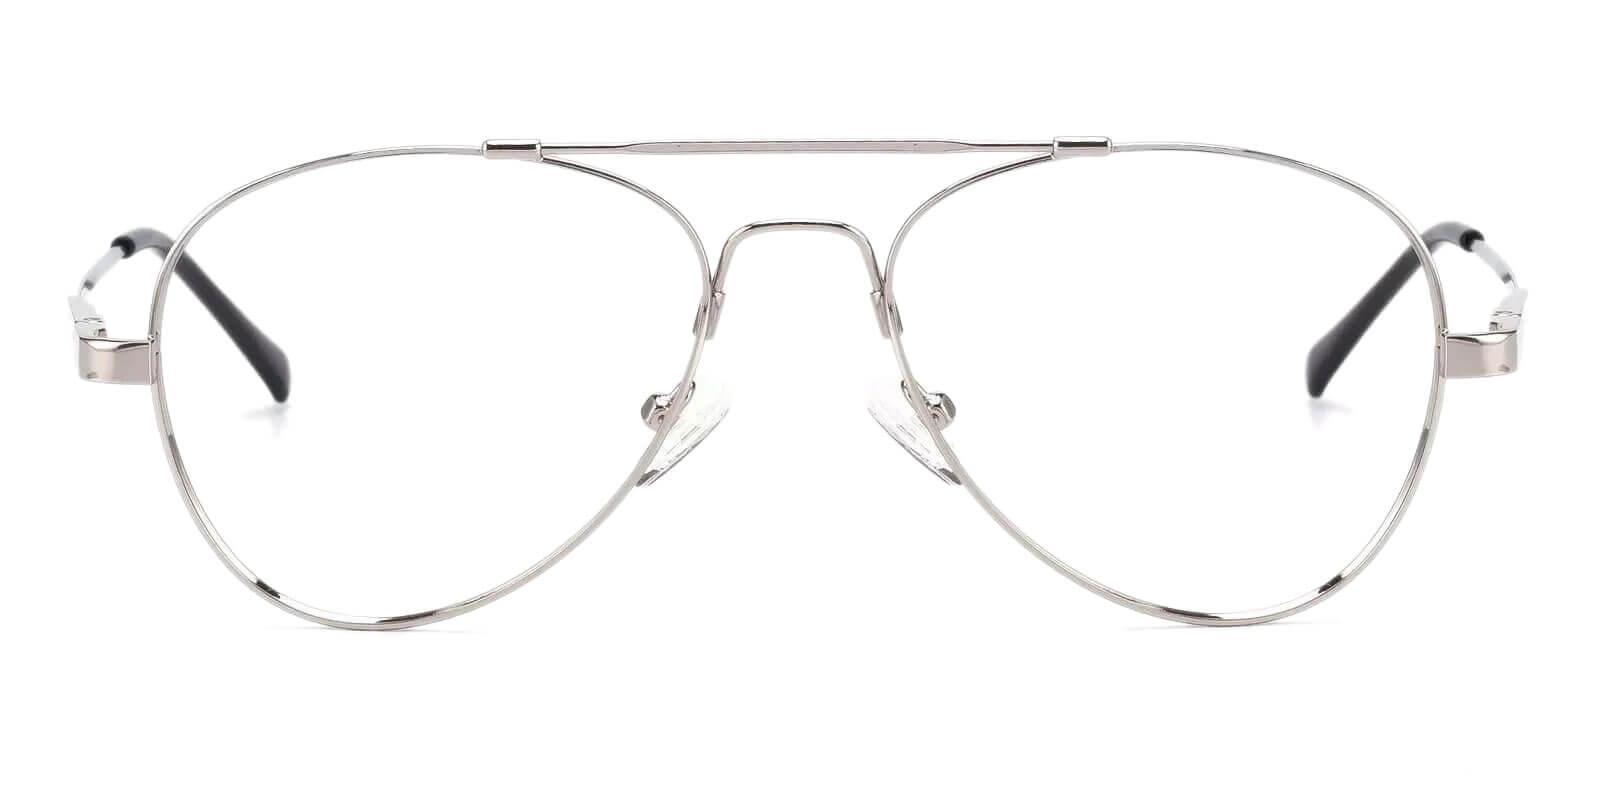 Hunter Silver Metal Eyeglasses , NosePads Frames from ABBE Glasses